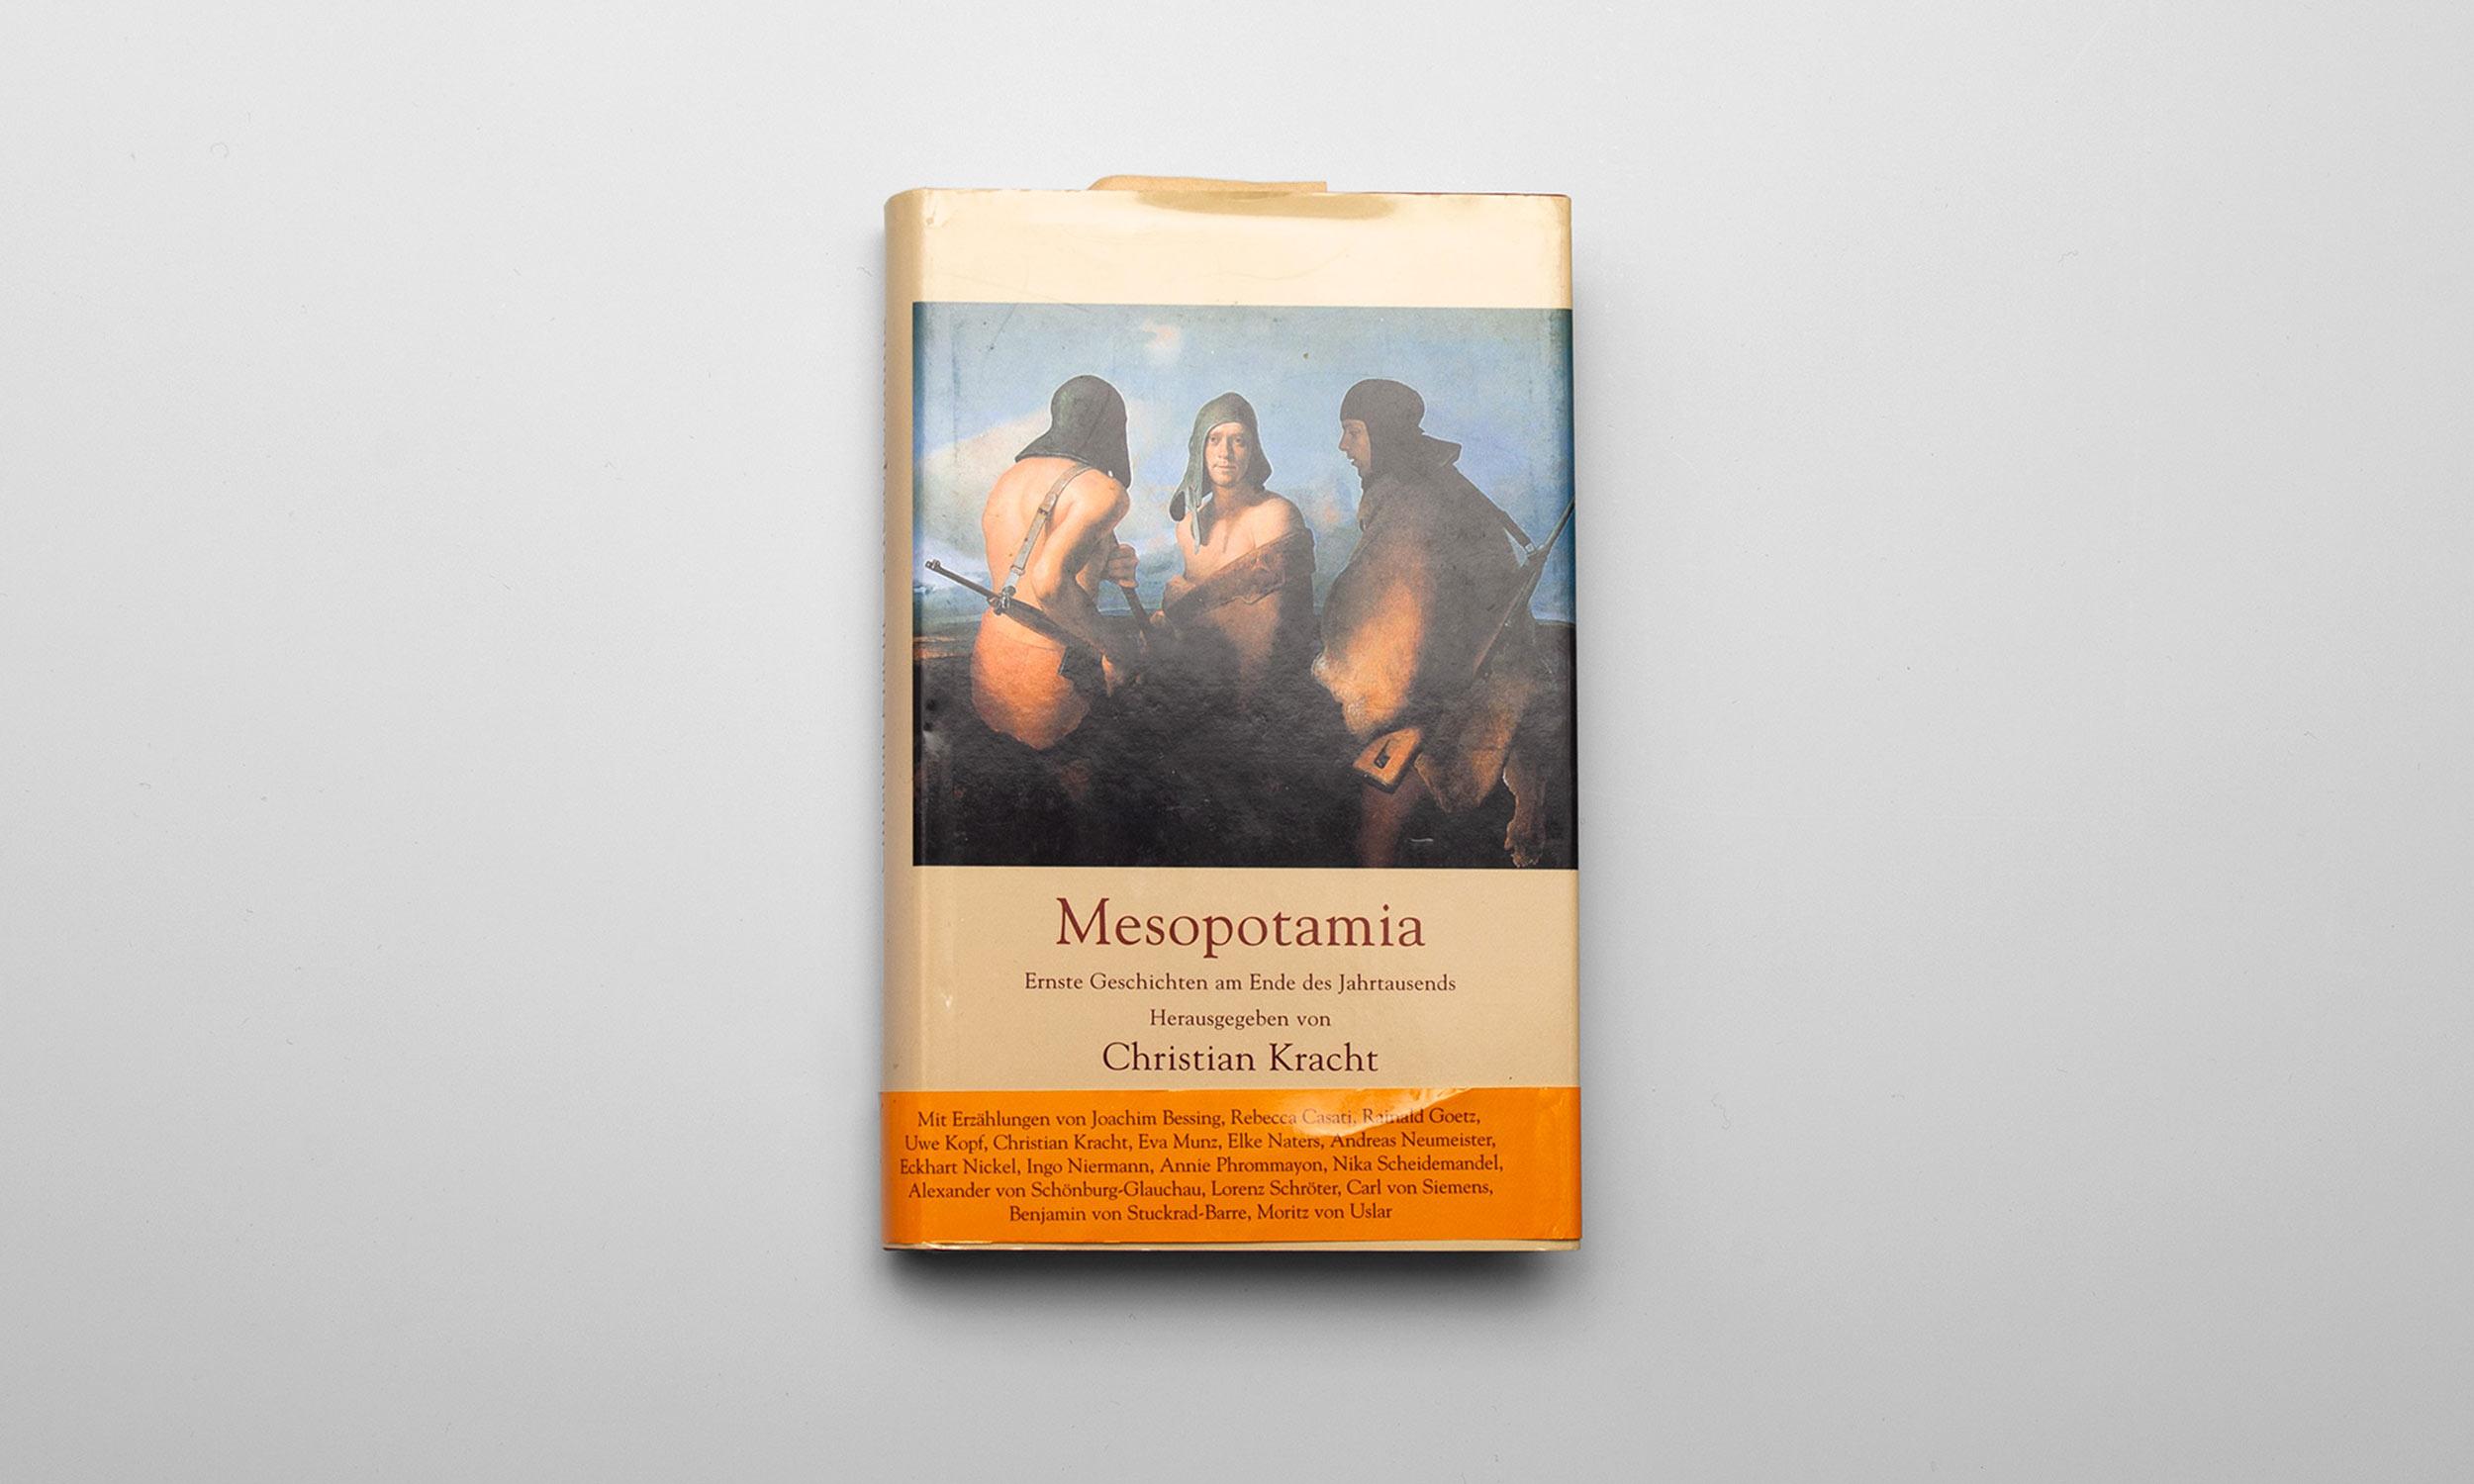 Christian Kracht Mesopotamia